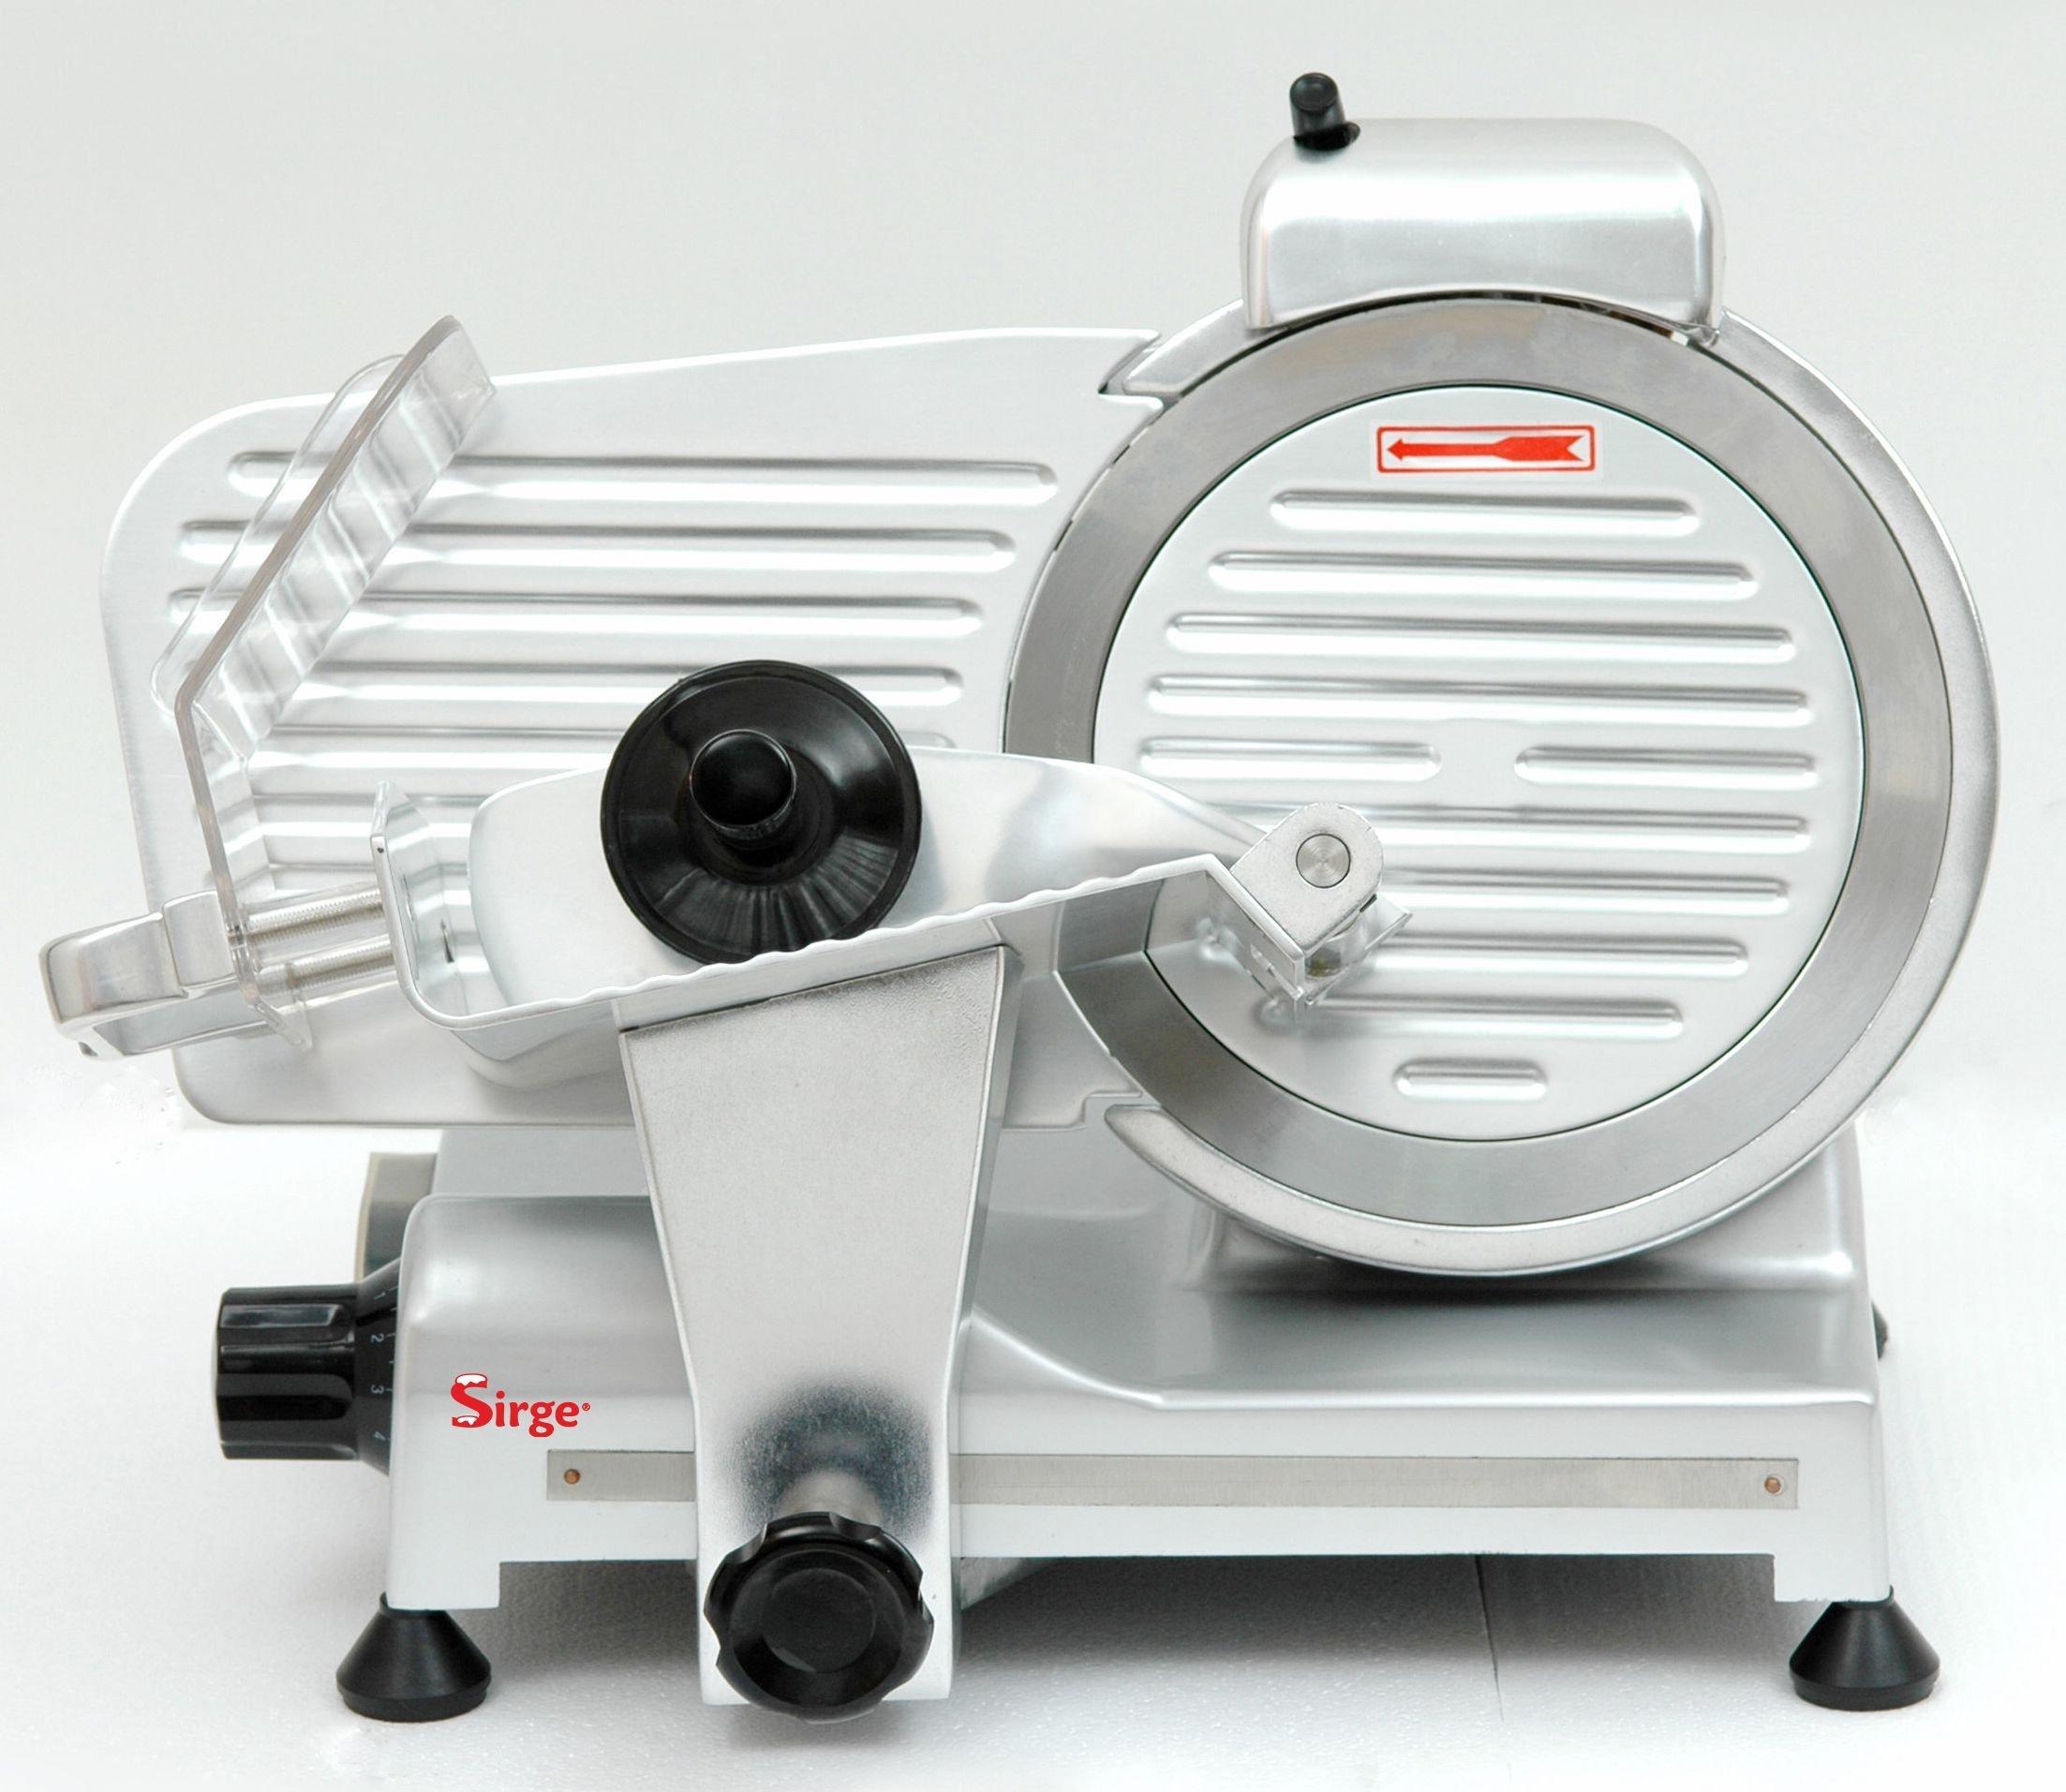 Sirge AFFPROF22 Affettatrice Professionale [320 WATT - Lunghezza taglio 14cm] semiautomatica a gravi